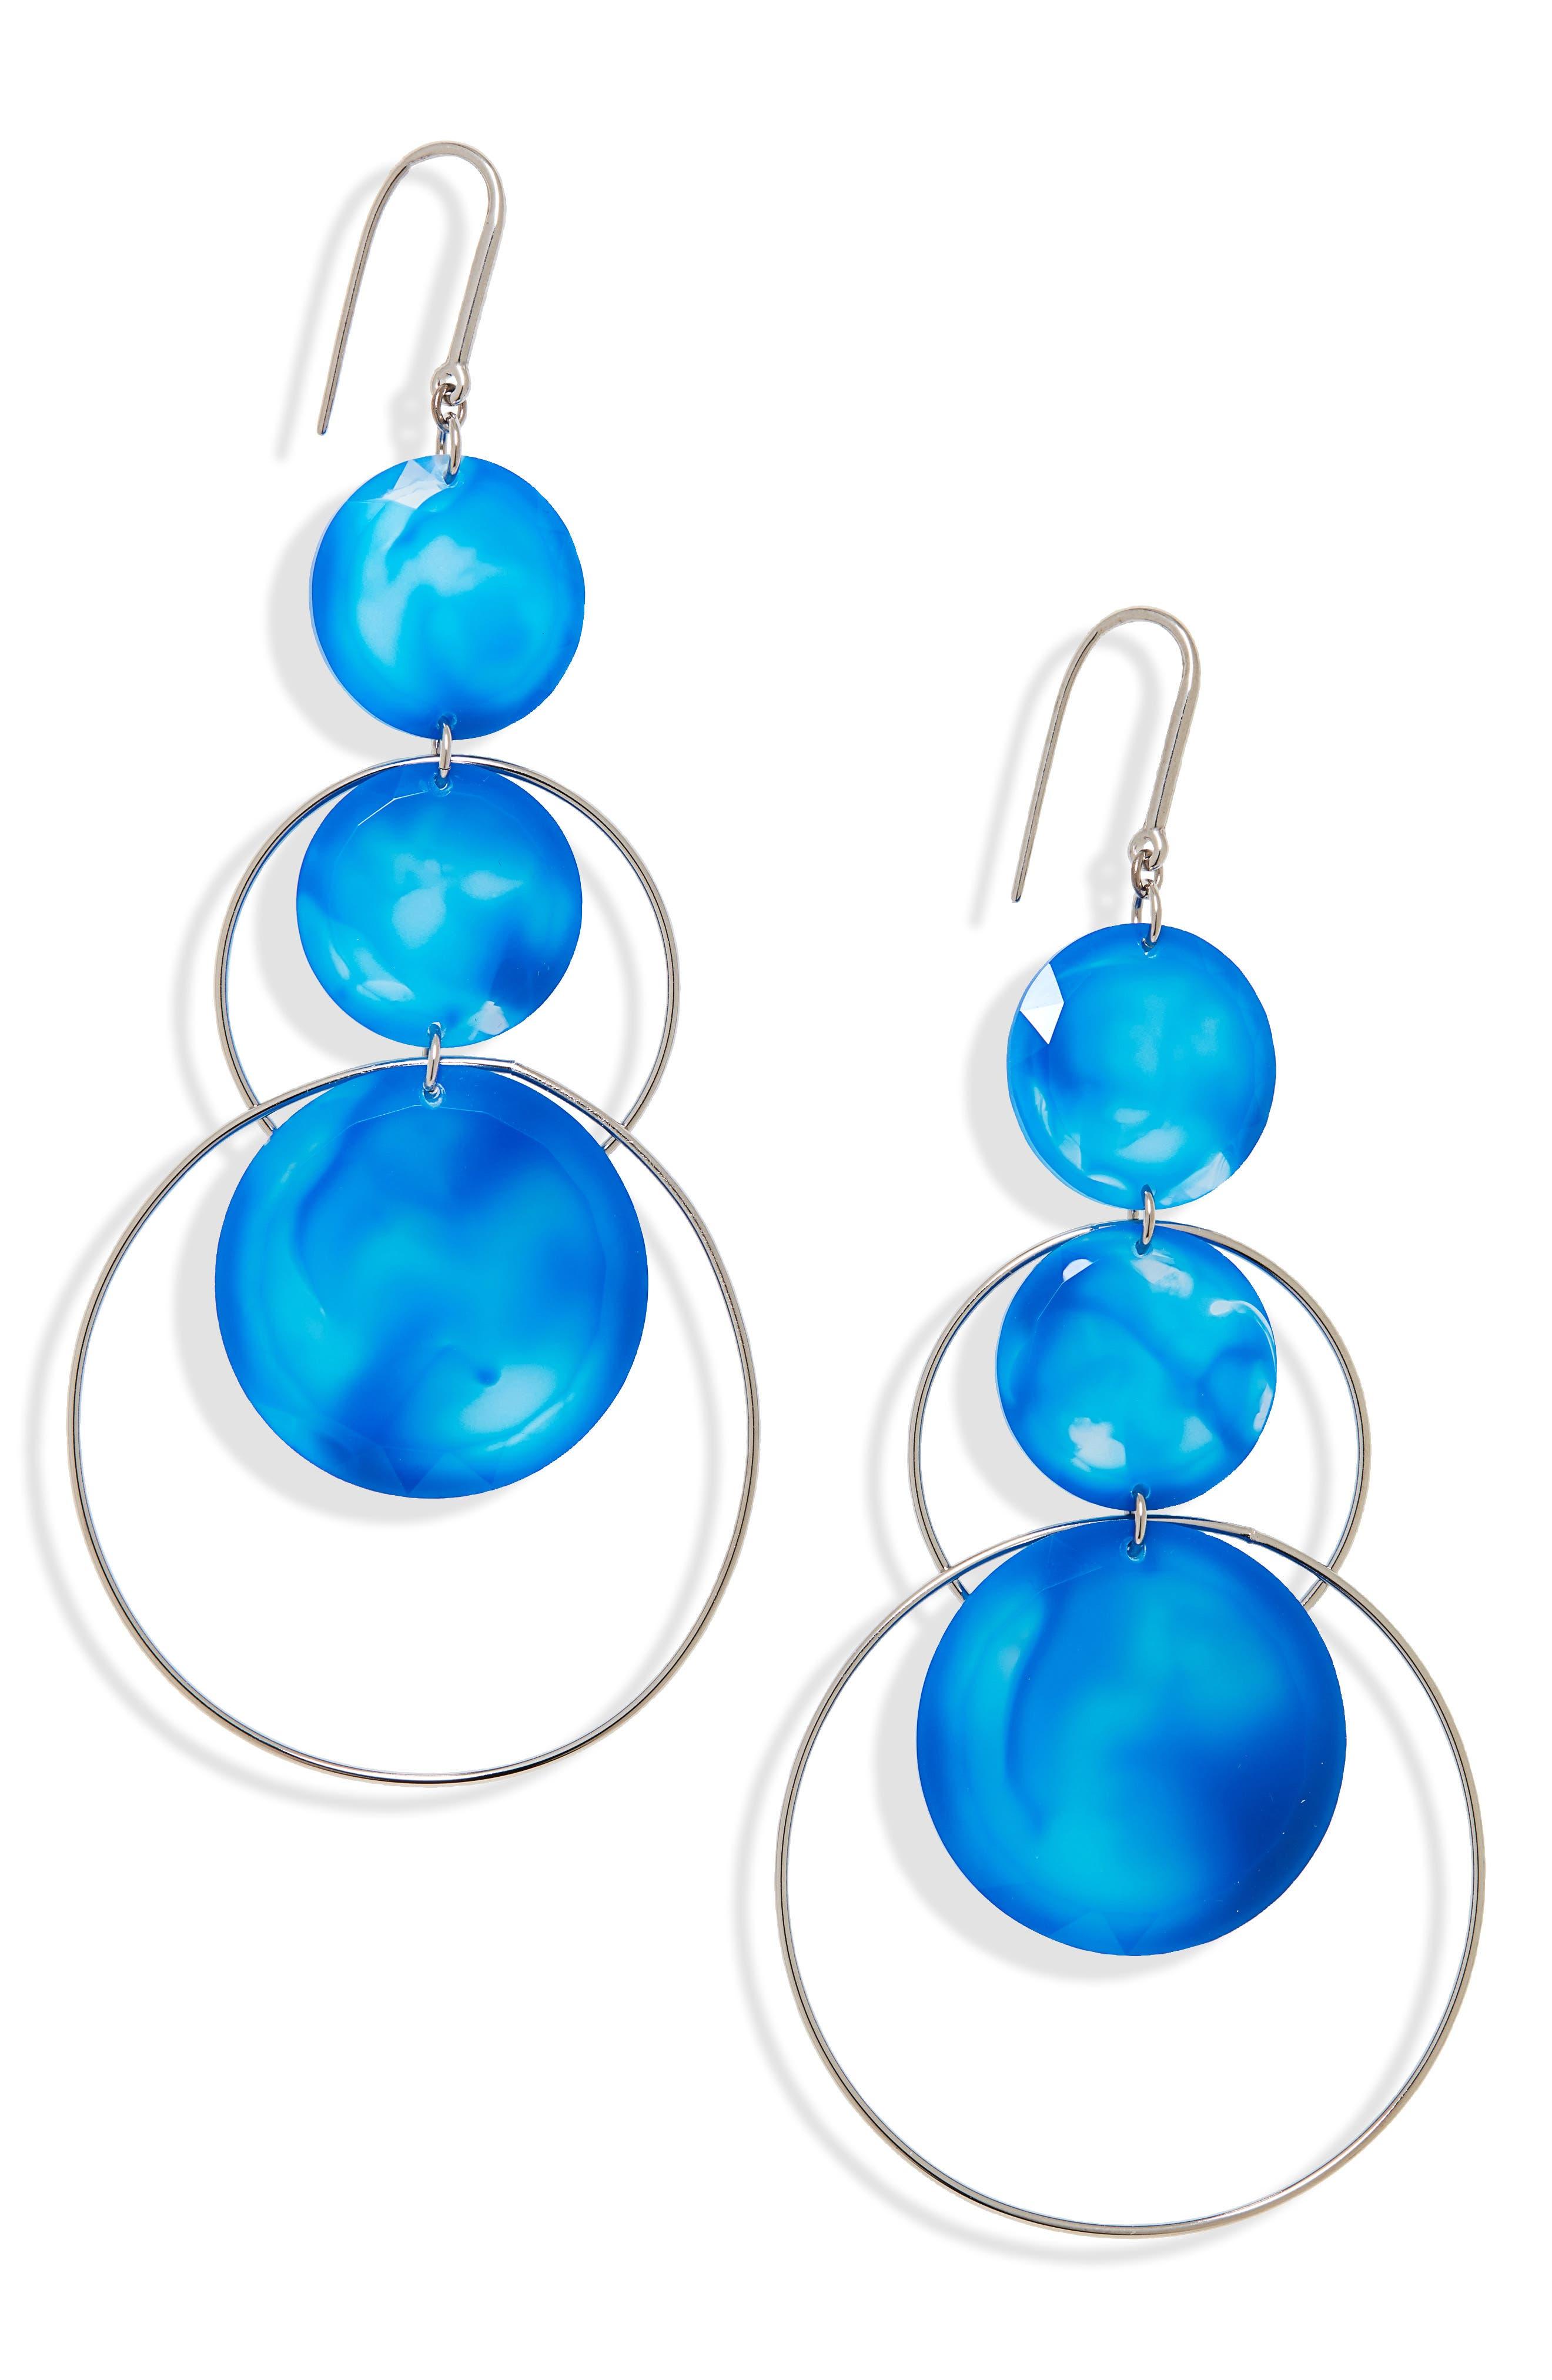 ISABEL MARANT Harlem Circle Drop Earrings, Main, color, BLUE